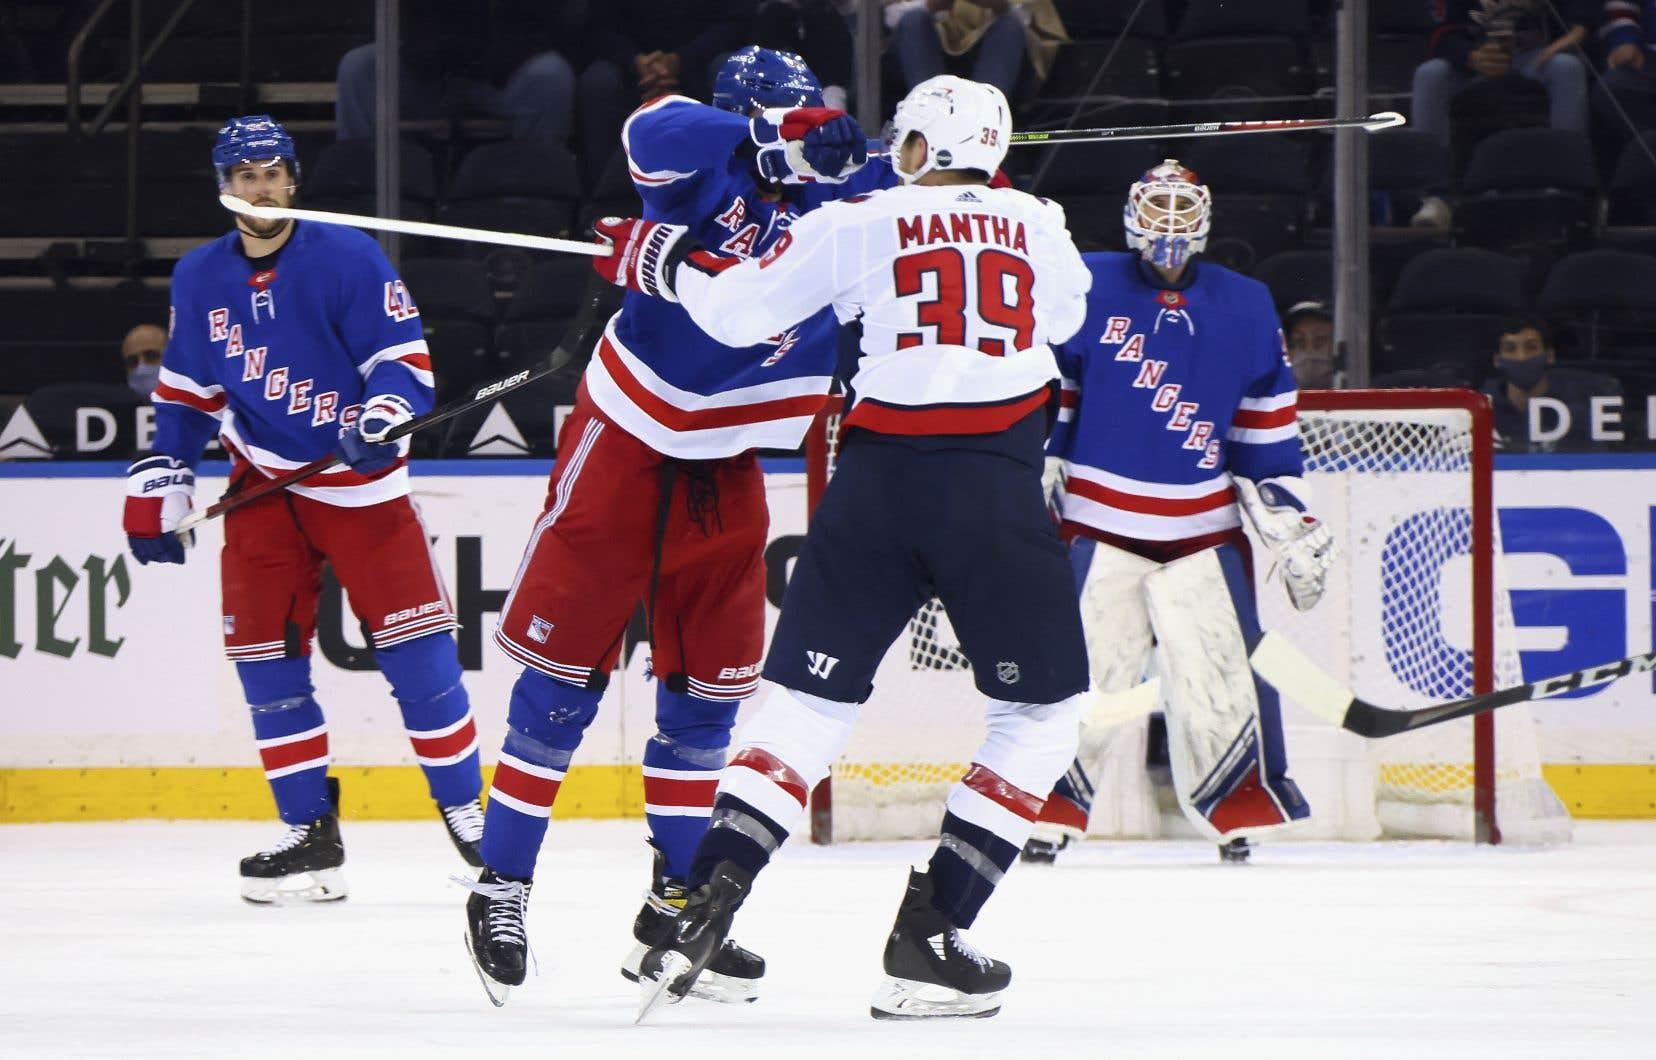 Pavel Buchnevich, des Rangers de New York (89), a frappé Anthony Mantha (39), des Capitals de Washington, avec son bâton lors de la deuxième période du match de mercredi à New York. L'attaquant a écopé d'une  suspension.